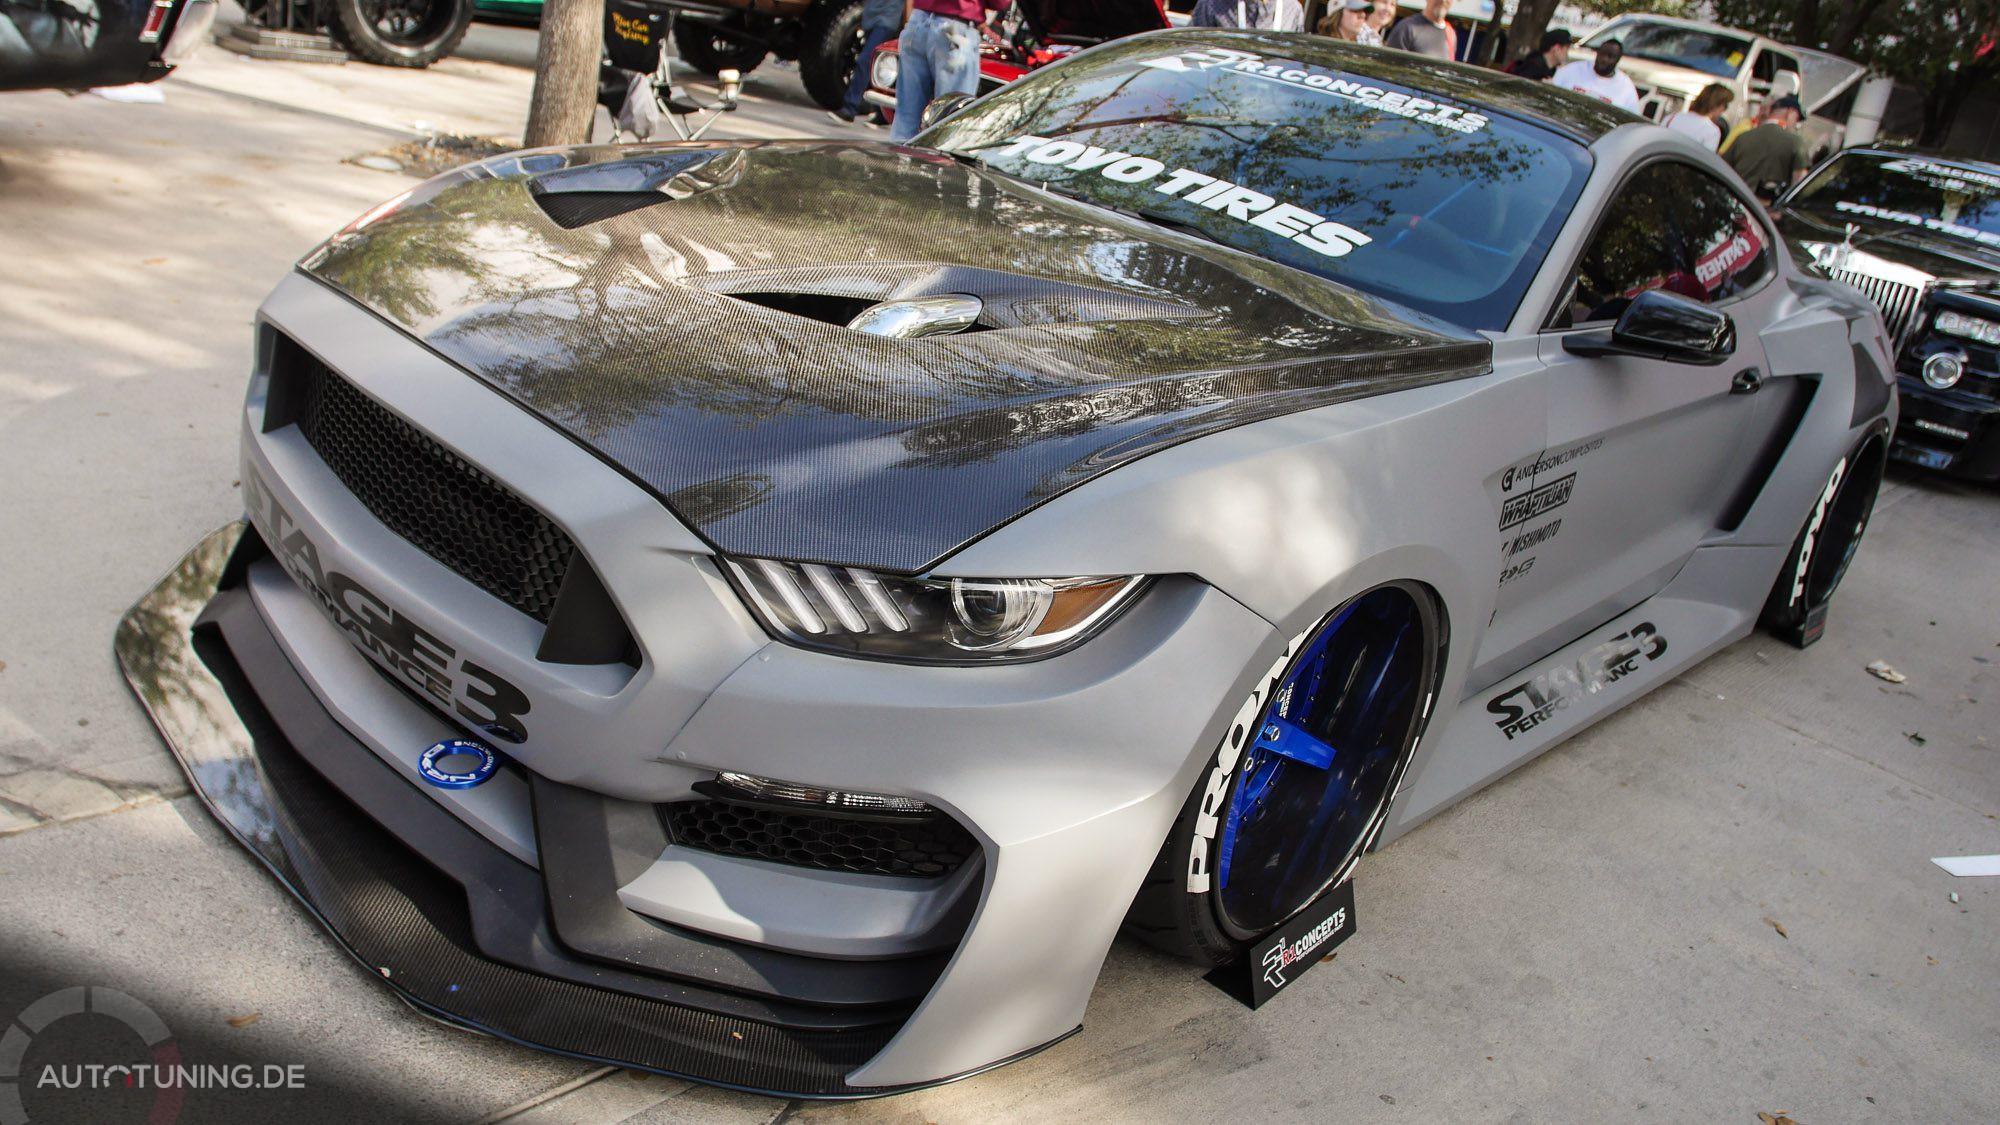 Tiefer kann man einen Ford Mustang kaum legen!